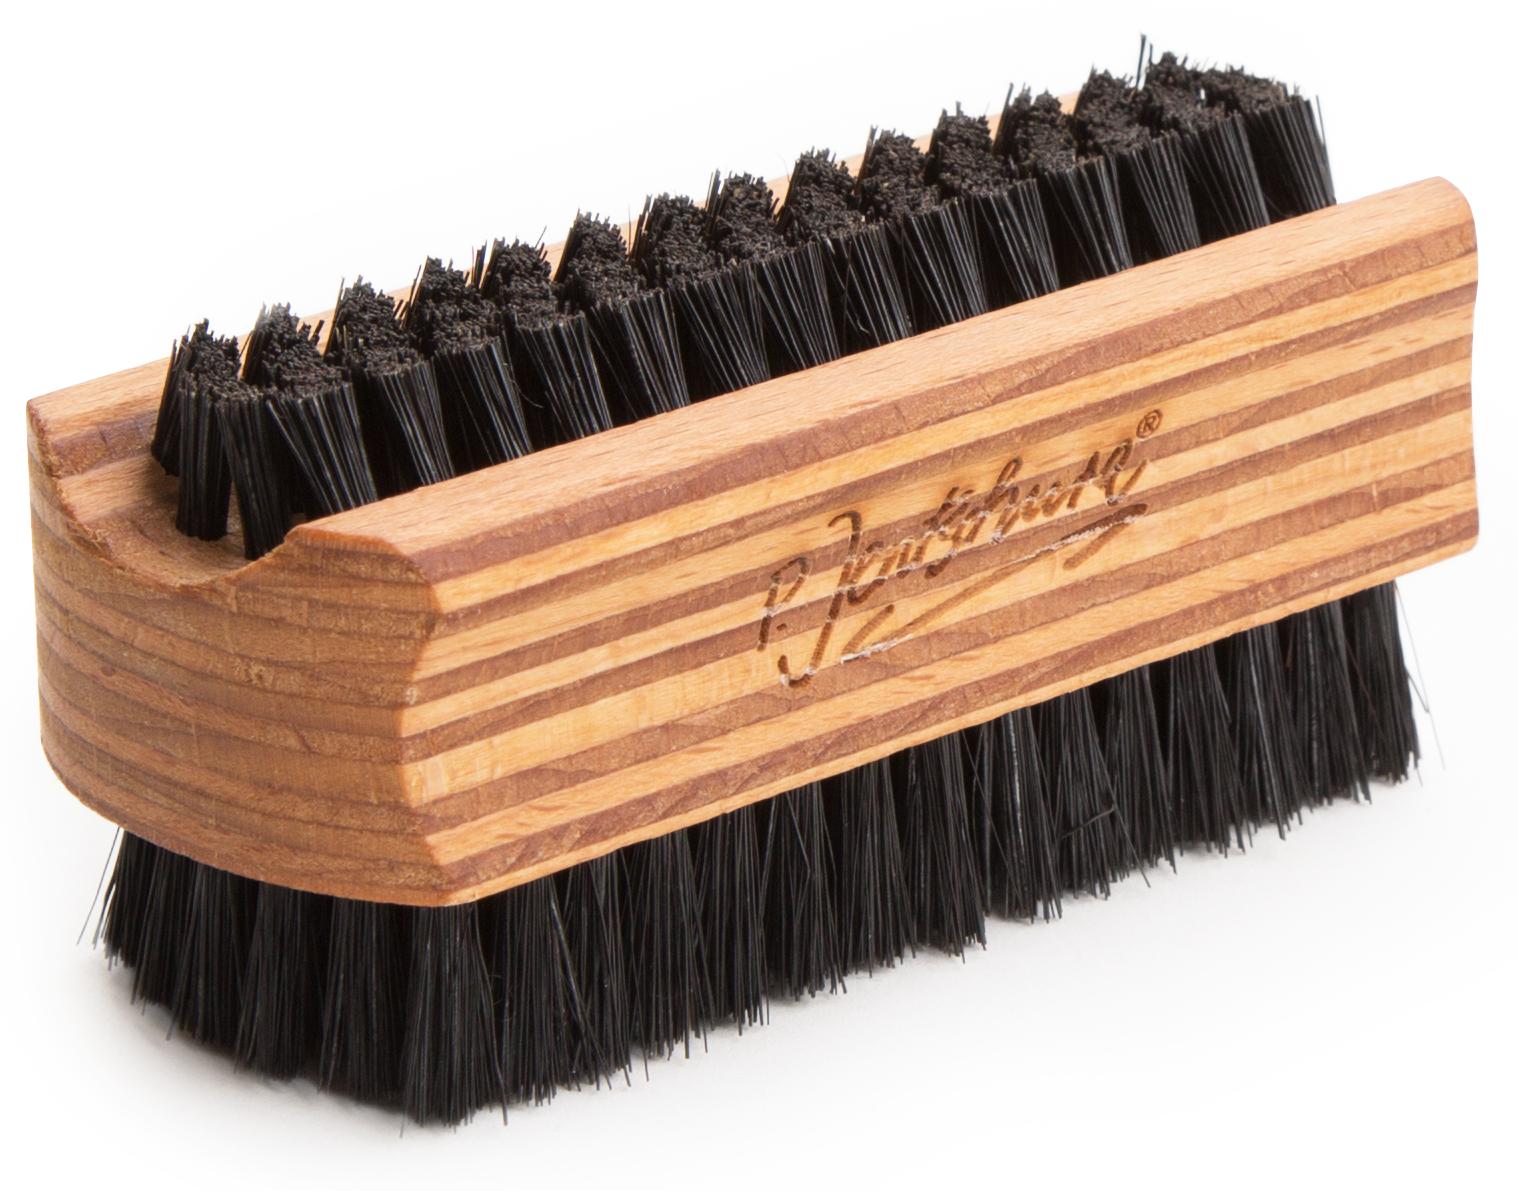 Downloads p. jentschura u2013 natürliche produkte für ihren säure